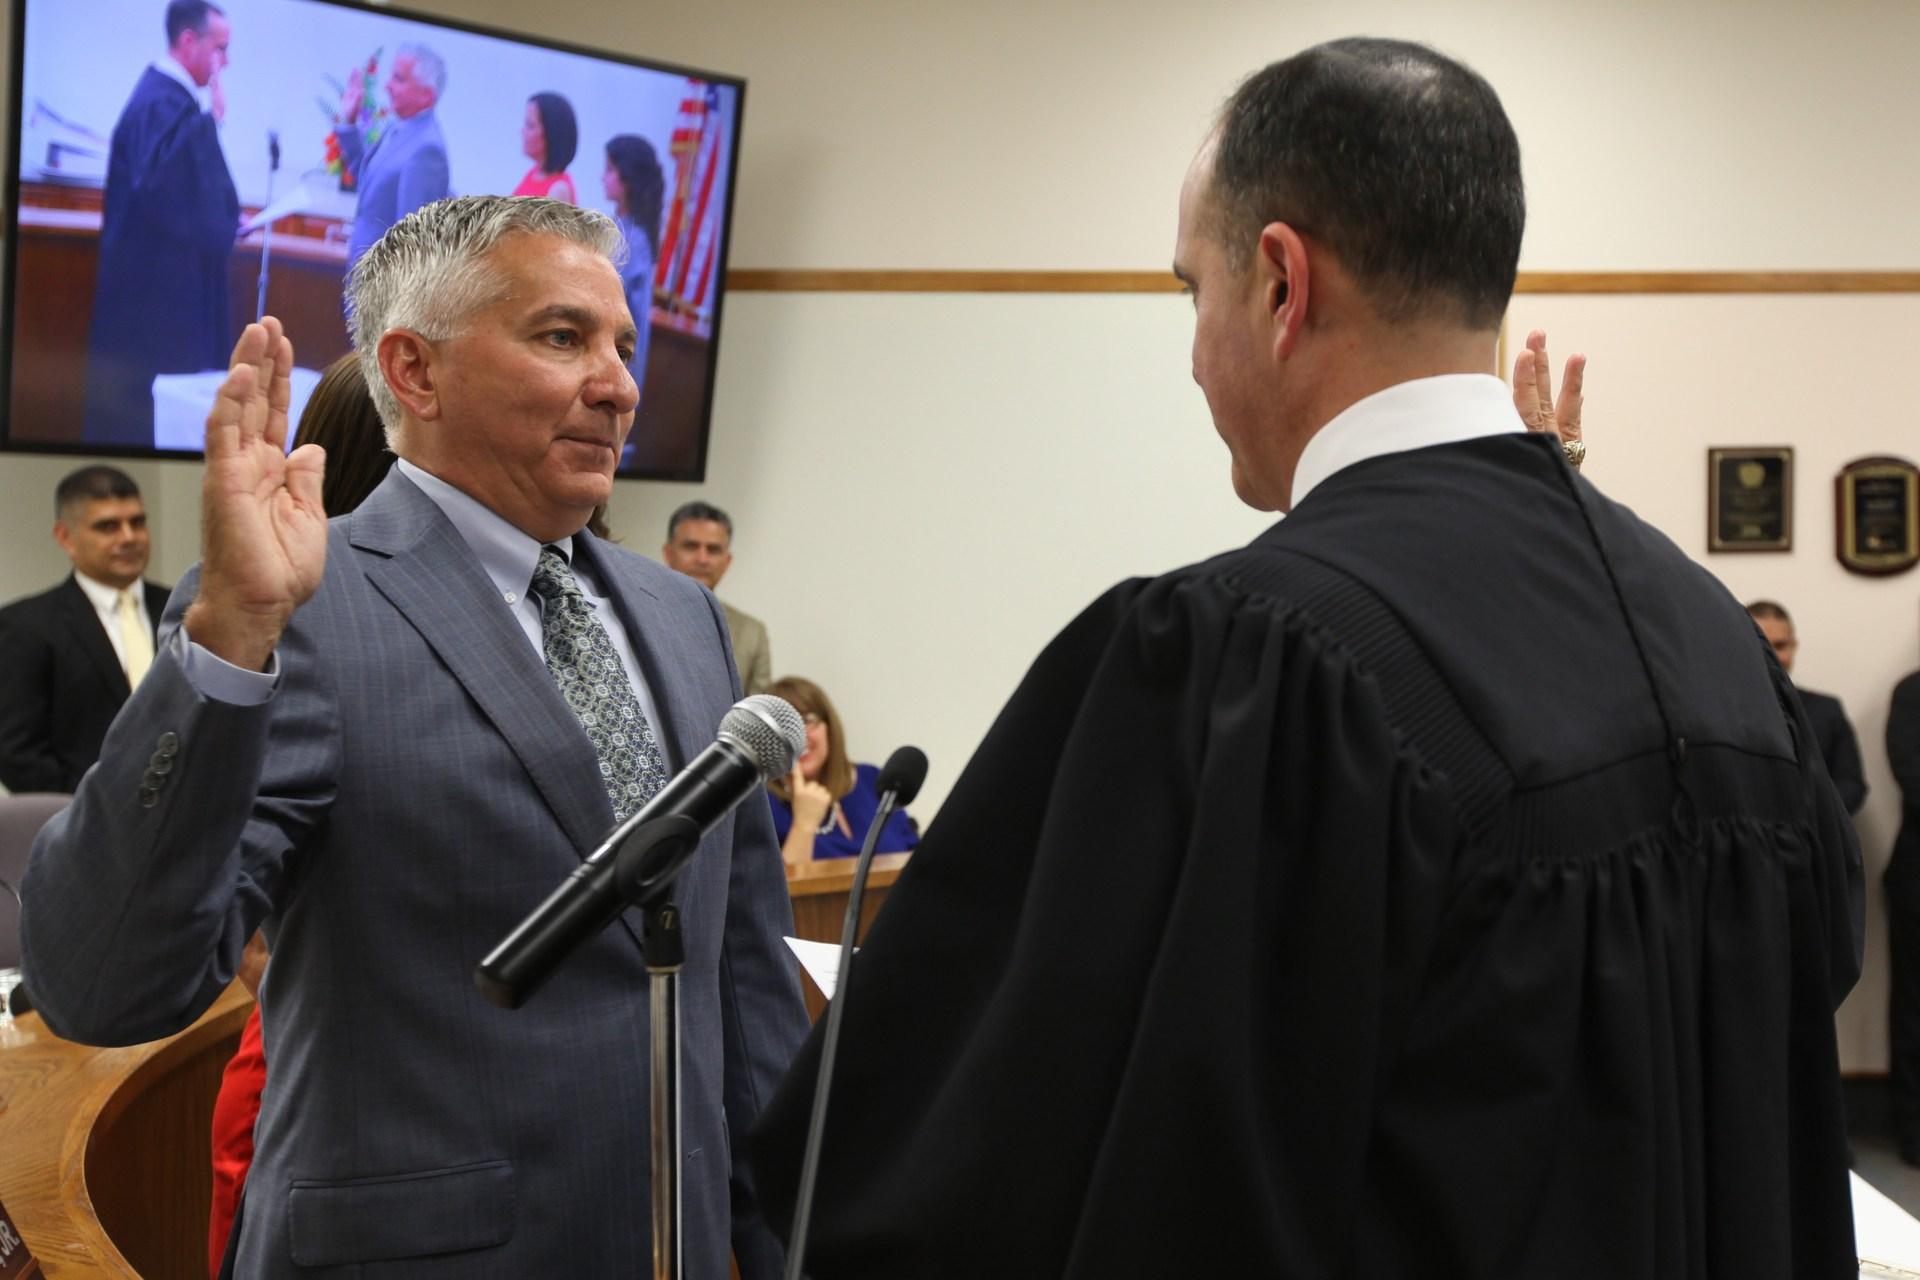 Daniel D. Vela pledging